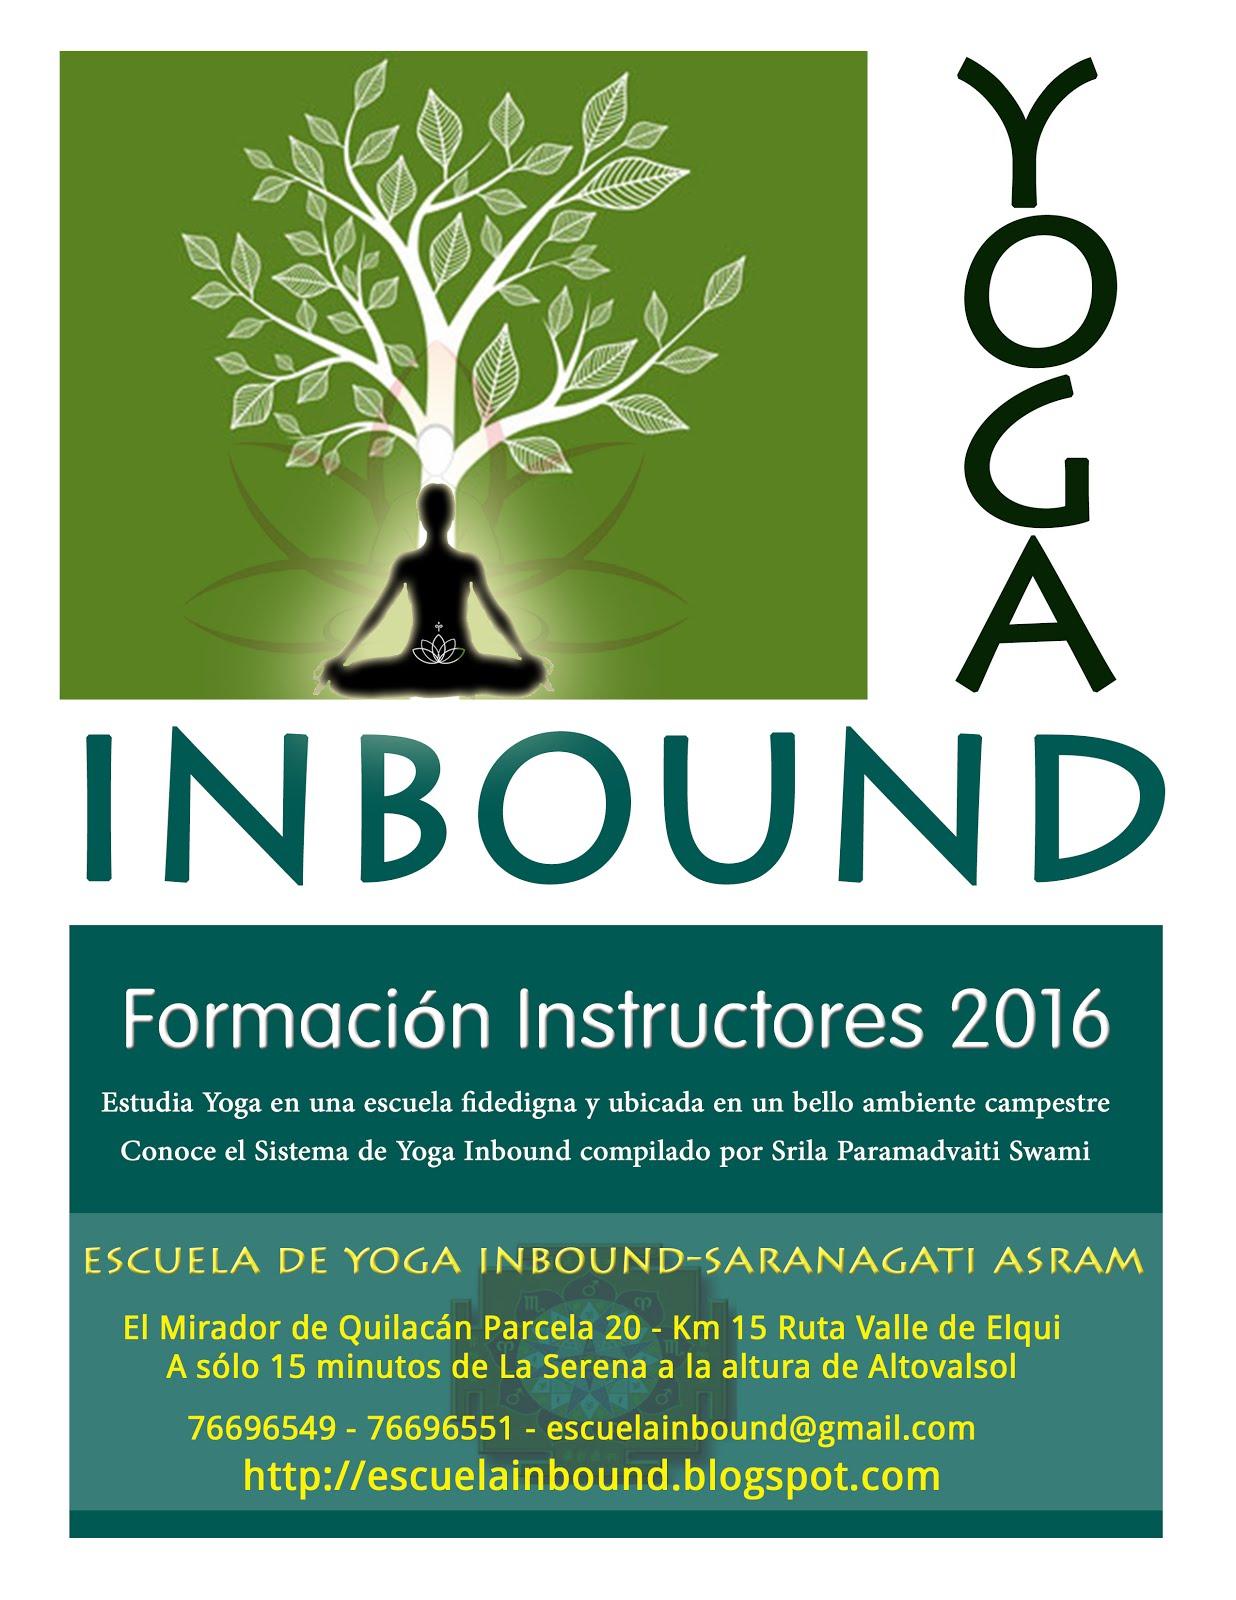 INSTRUCTORADO INBOUND 2016